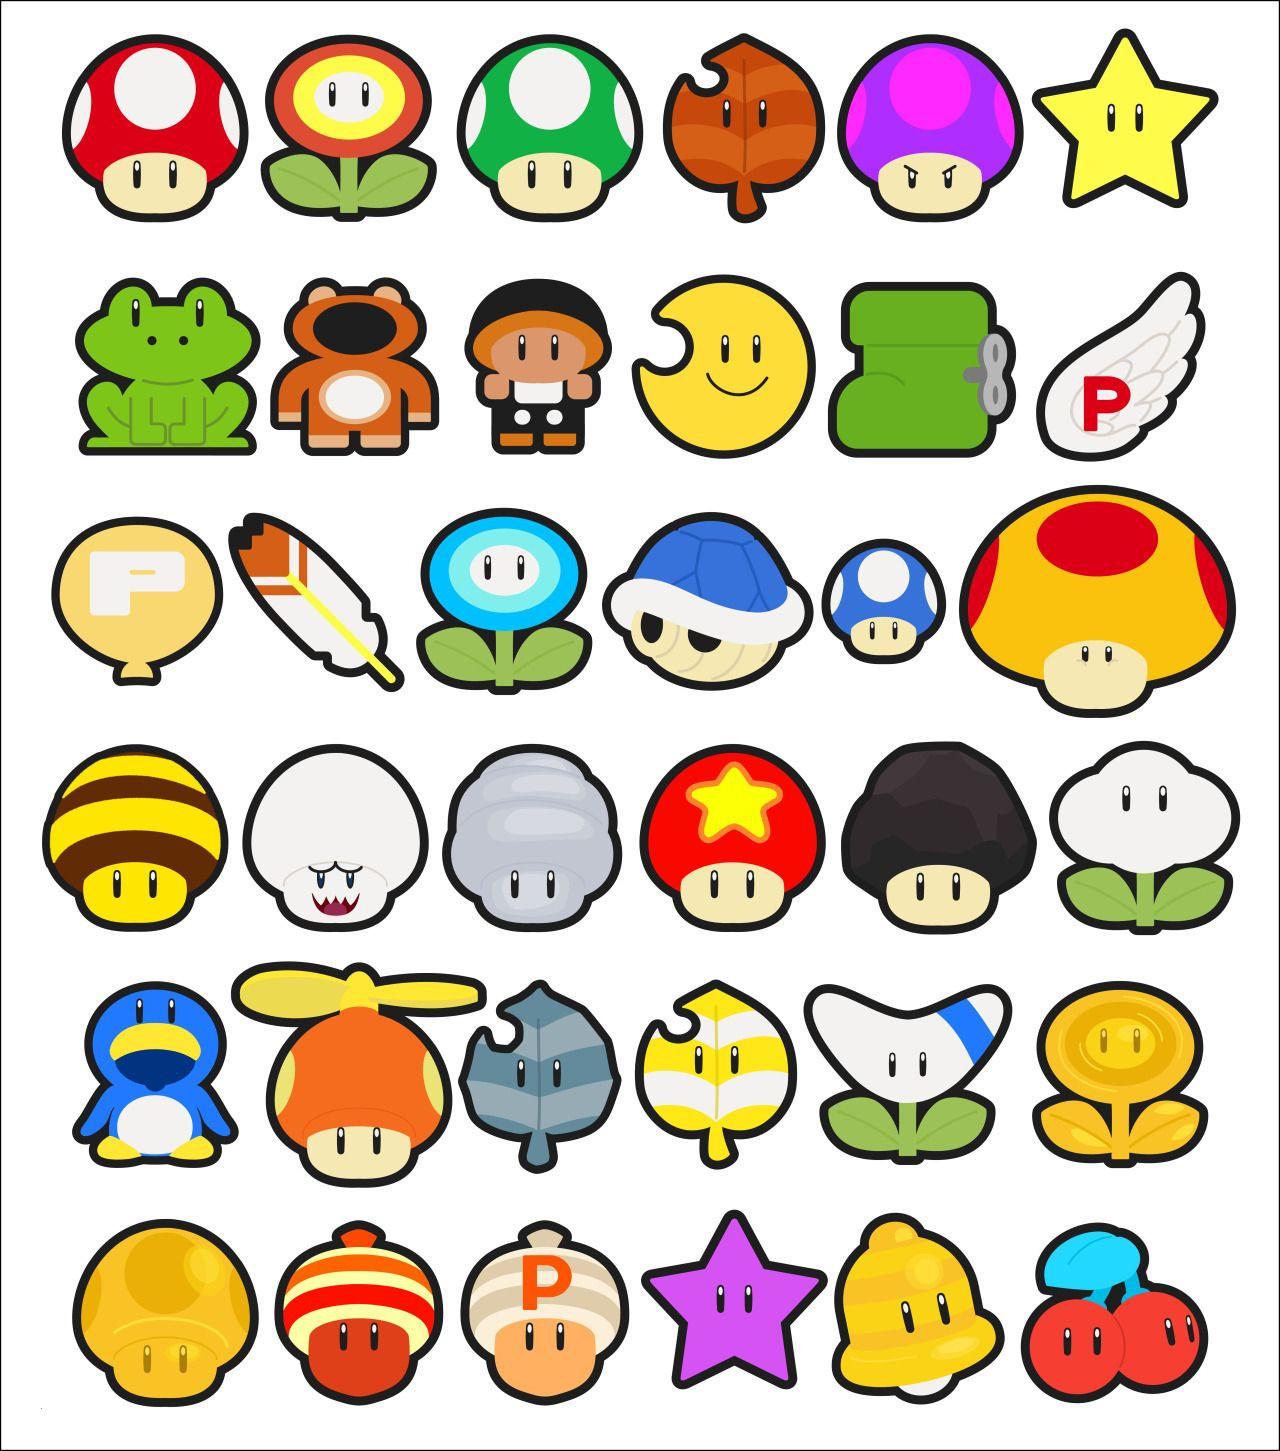 Ausmalbilder Mario Kart Frisch Ausmalbilder Mario Kart 8 Uploadertalk Einzigartig Ausmalbilder Das Bild